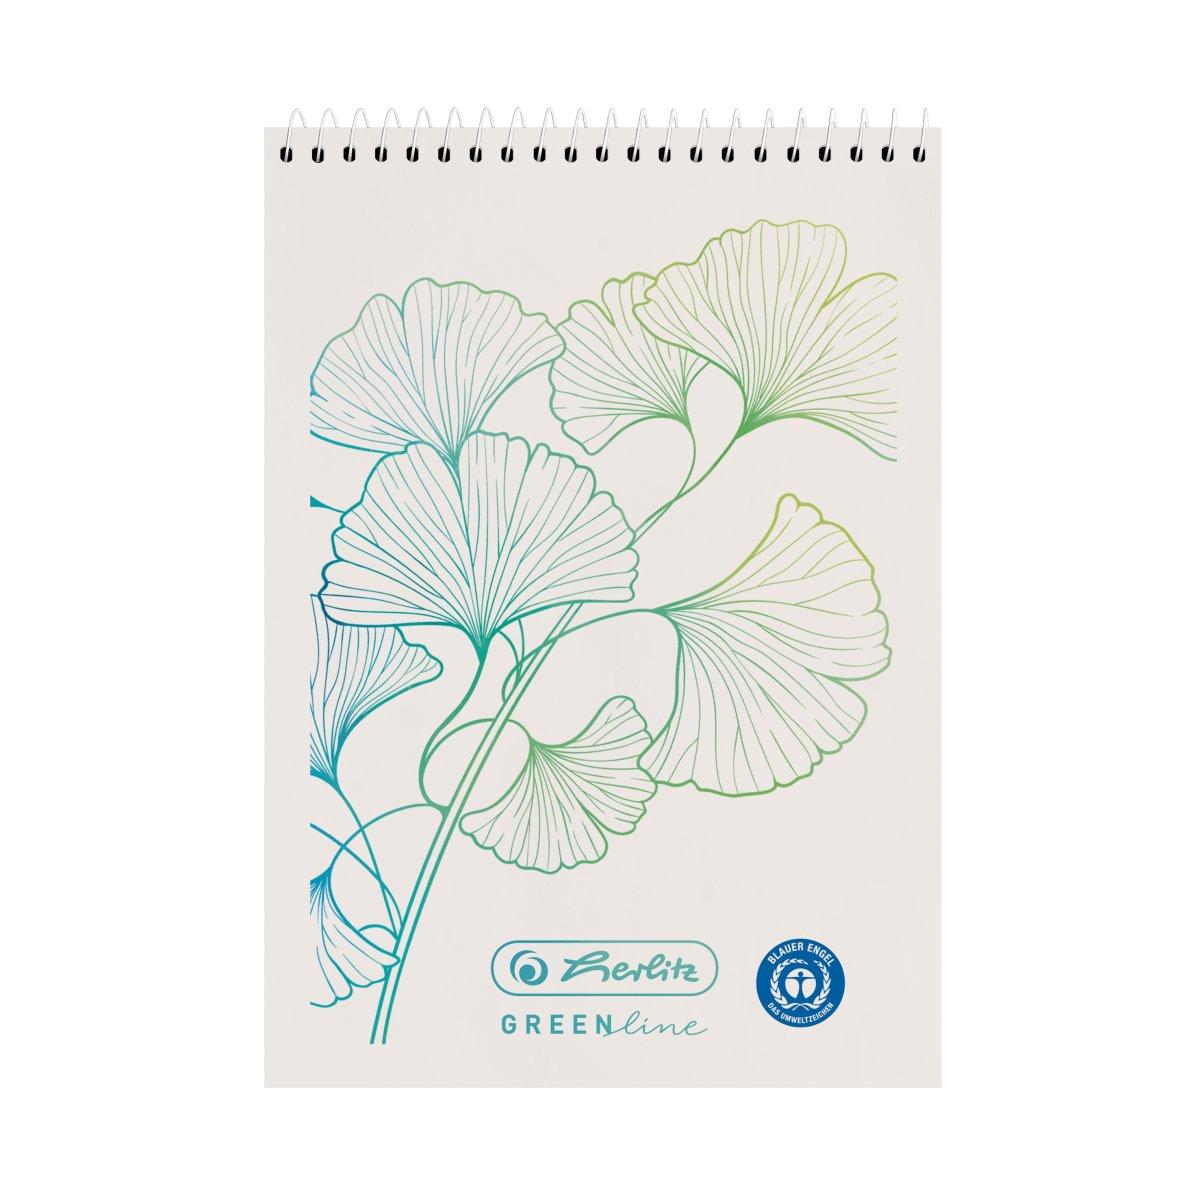 Herlitz GREENline - Muster - Weiß - A7 - 50 Blätter - Kariertes Papier - Erwachsener